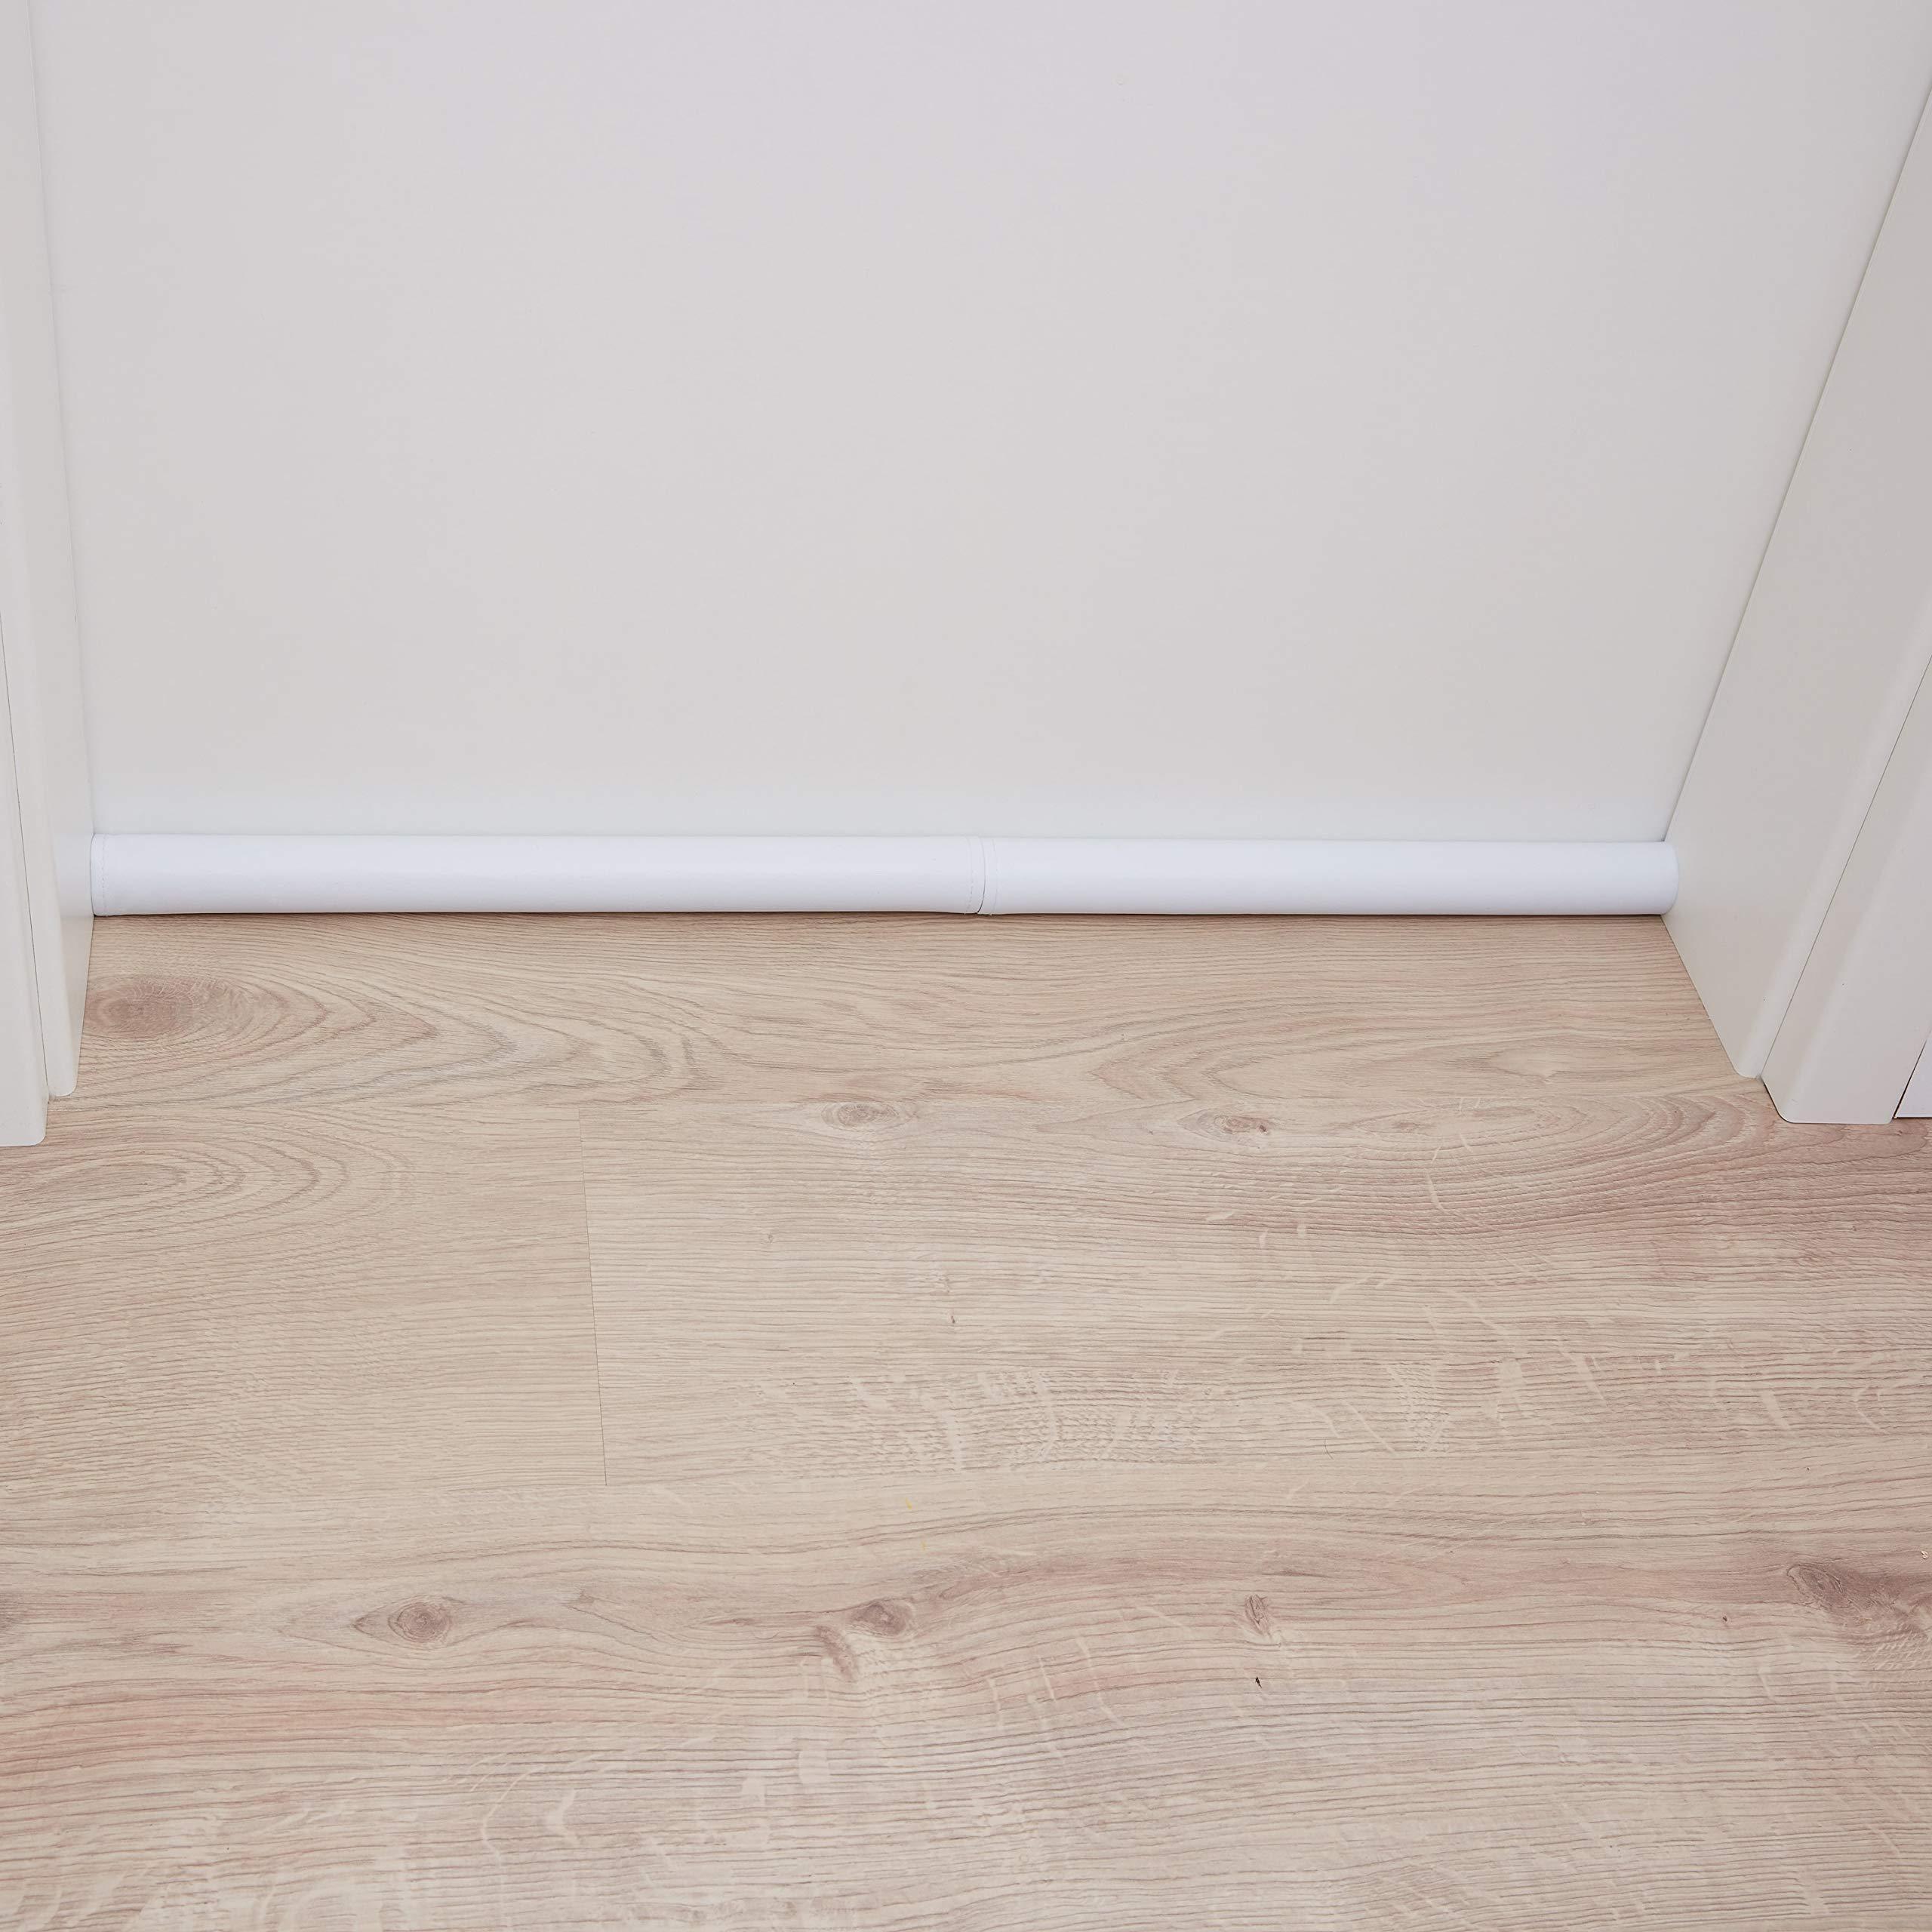 19 x gris blanco animal puerta de casa cortavientos protección contra el  viento tope de aire puertas puerta puerta tracción perro excluder Door  drenaje